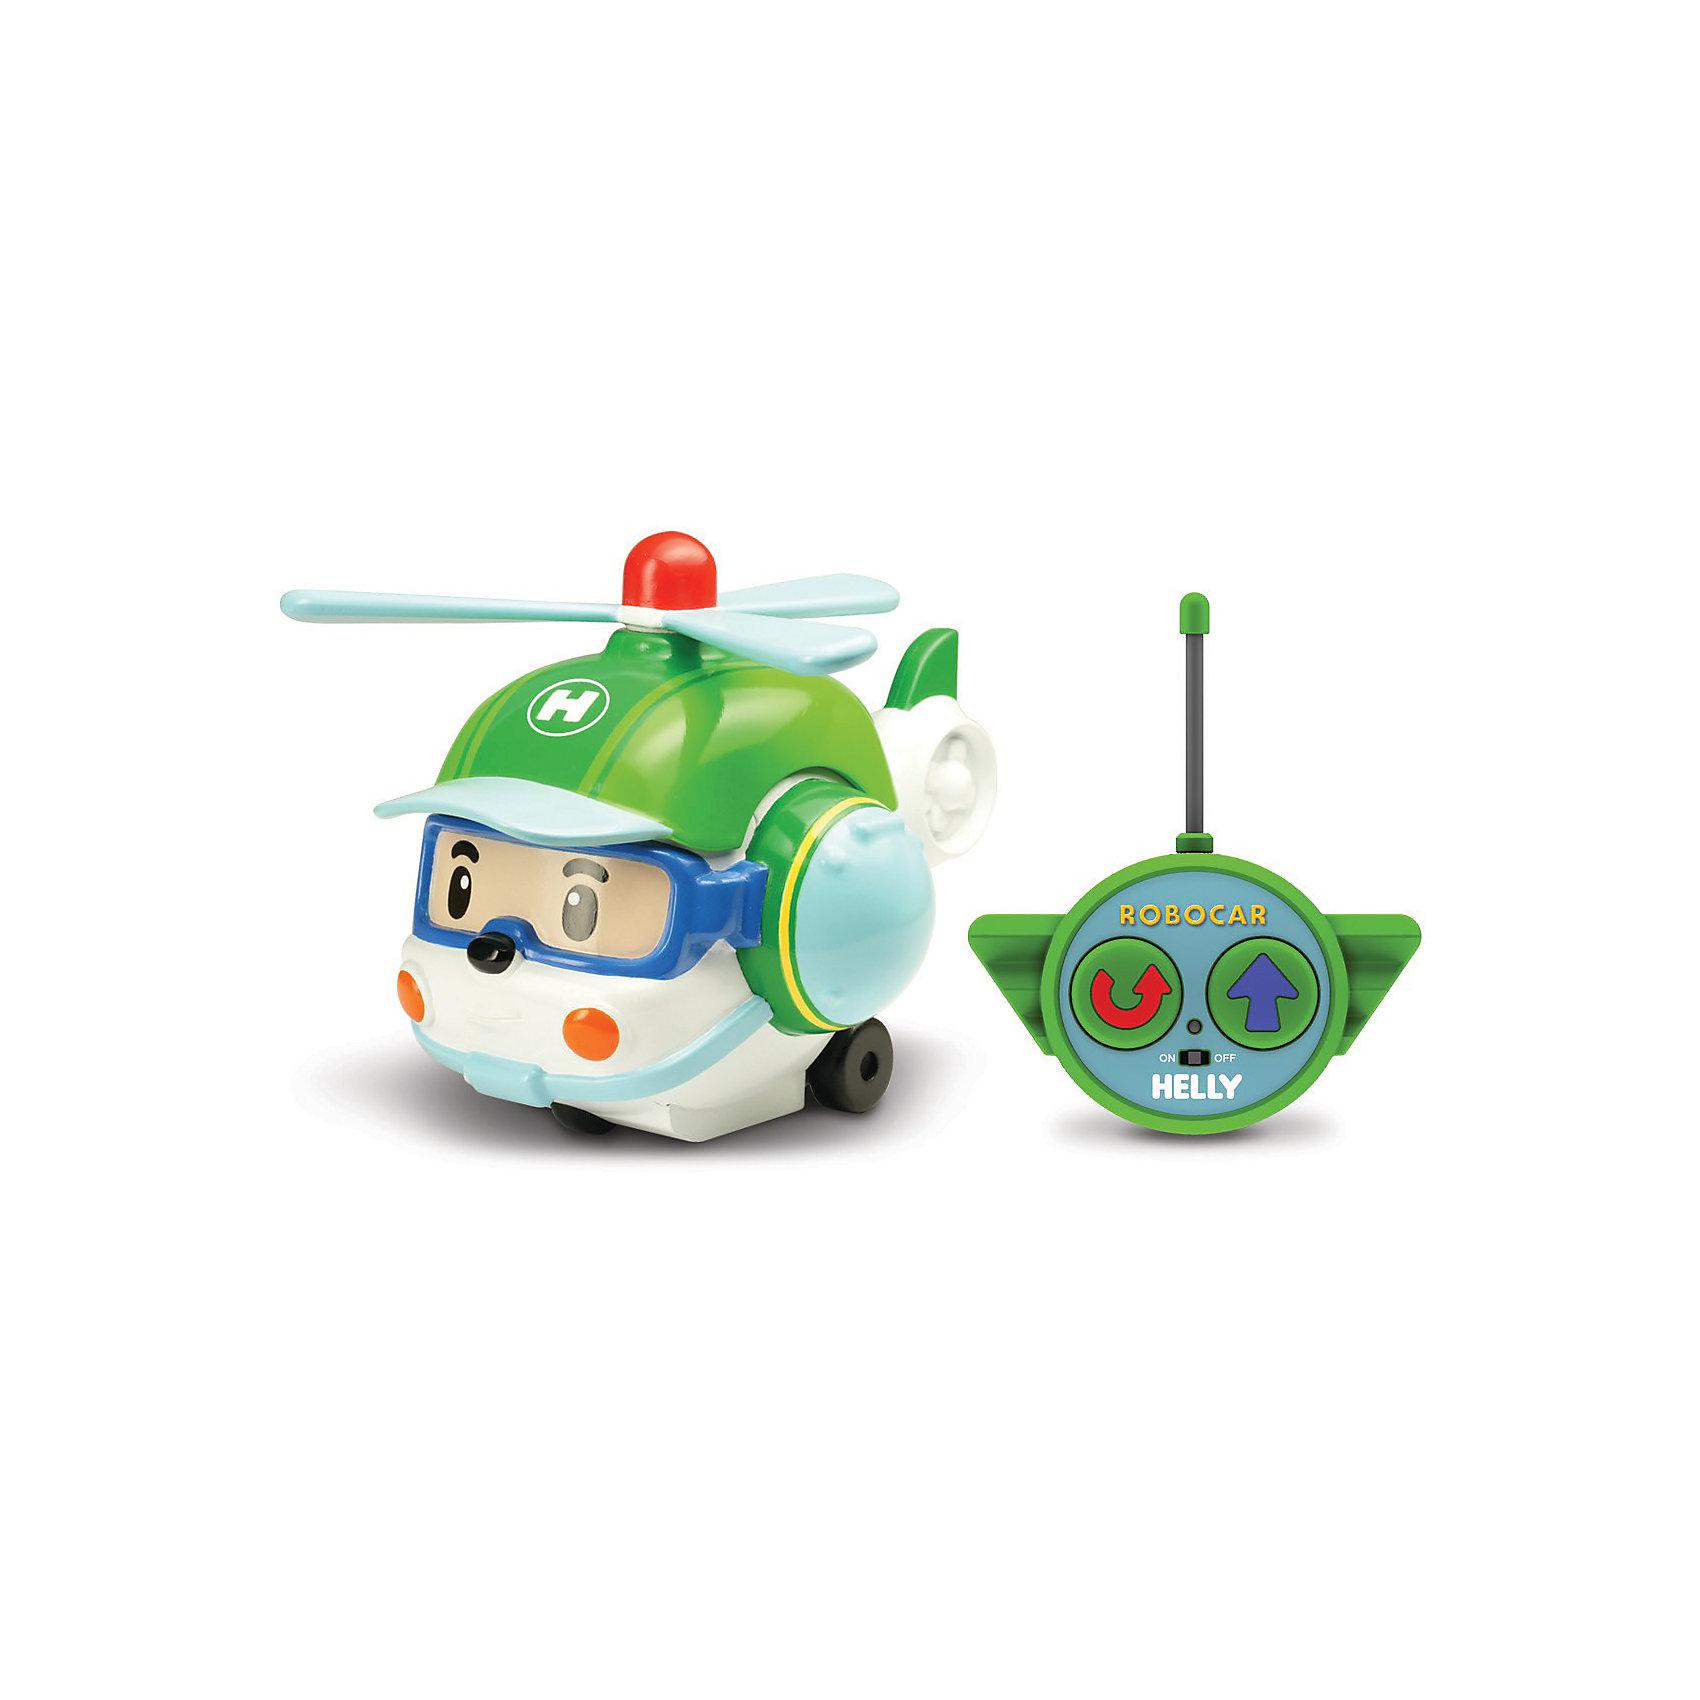 Silverlit Игрушка Хэли на радиоуправлении, 15см, Робокар Поли игрушка на радиоуправлении